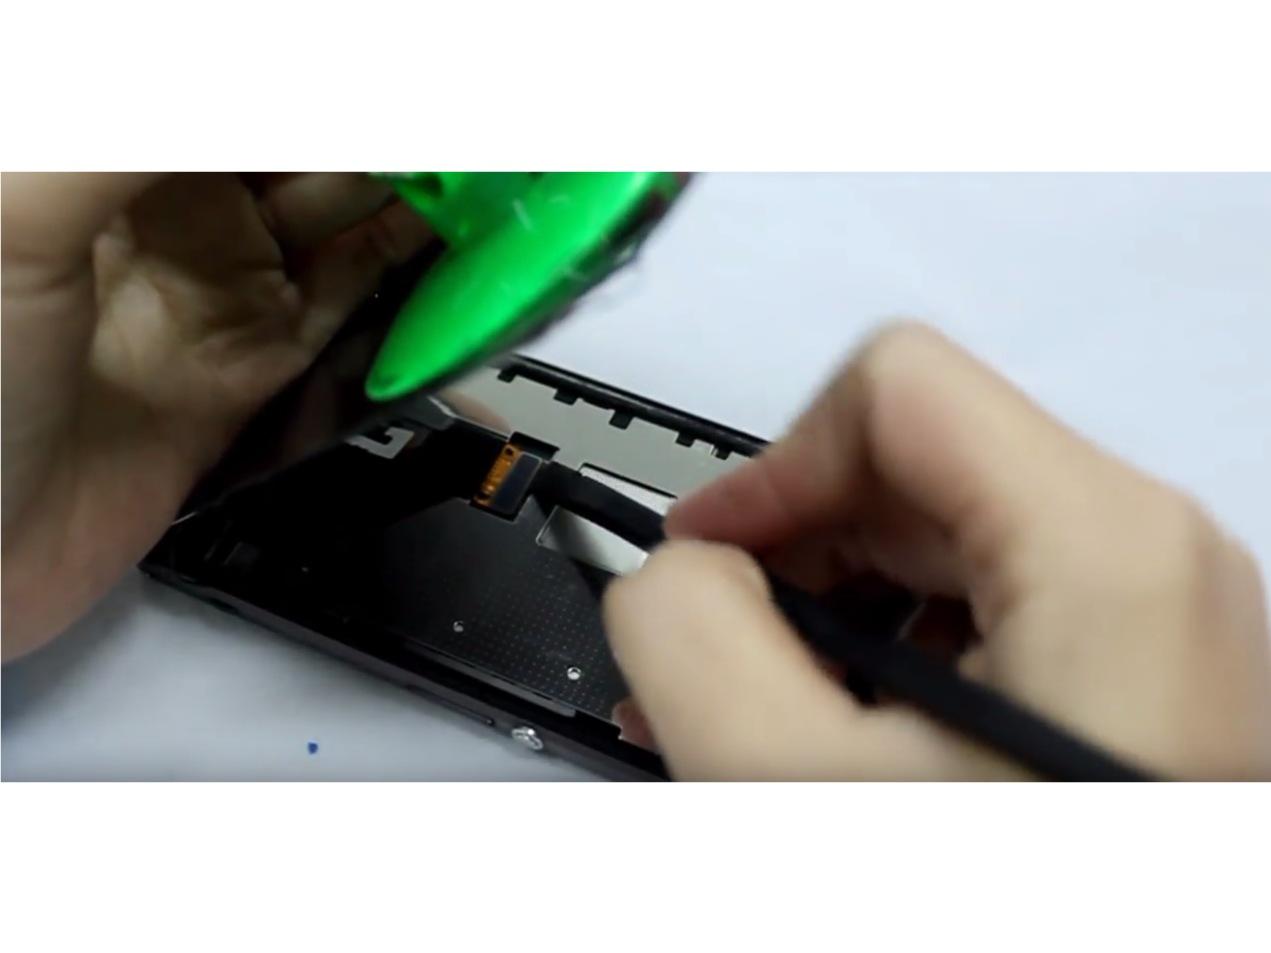 Замена экрана на Sony Xperia Z1 Compact (5)